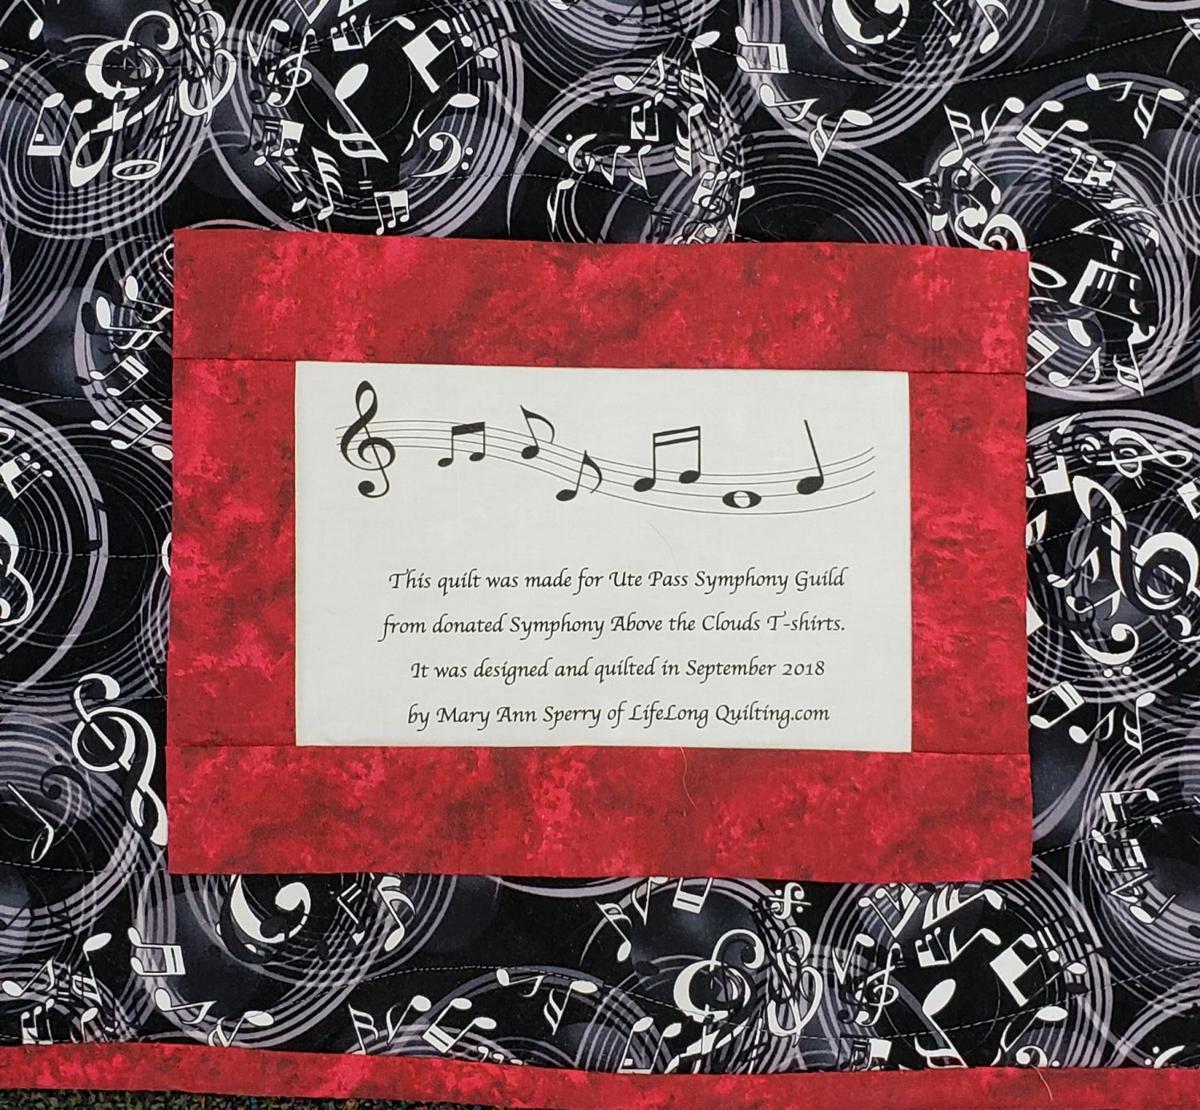 061219-cr-quilt